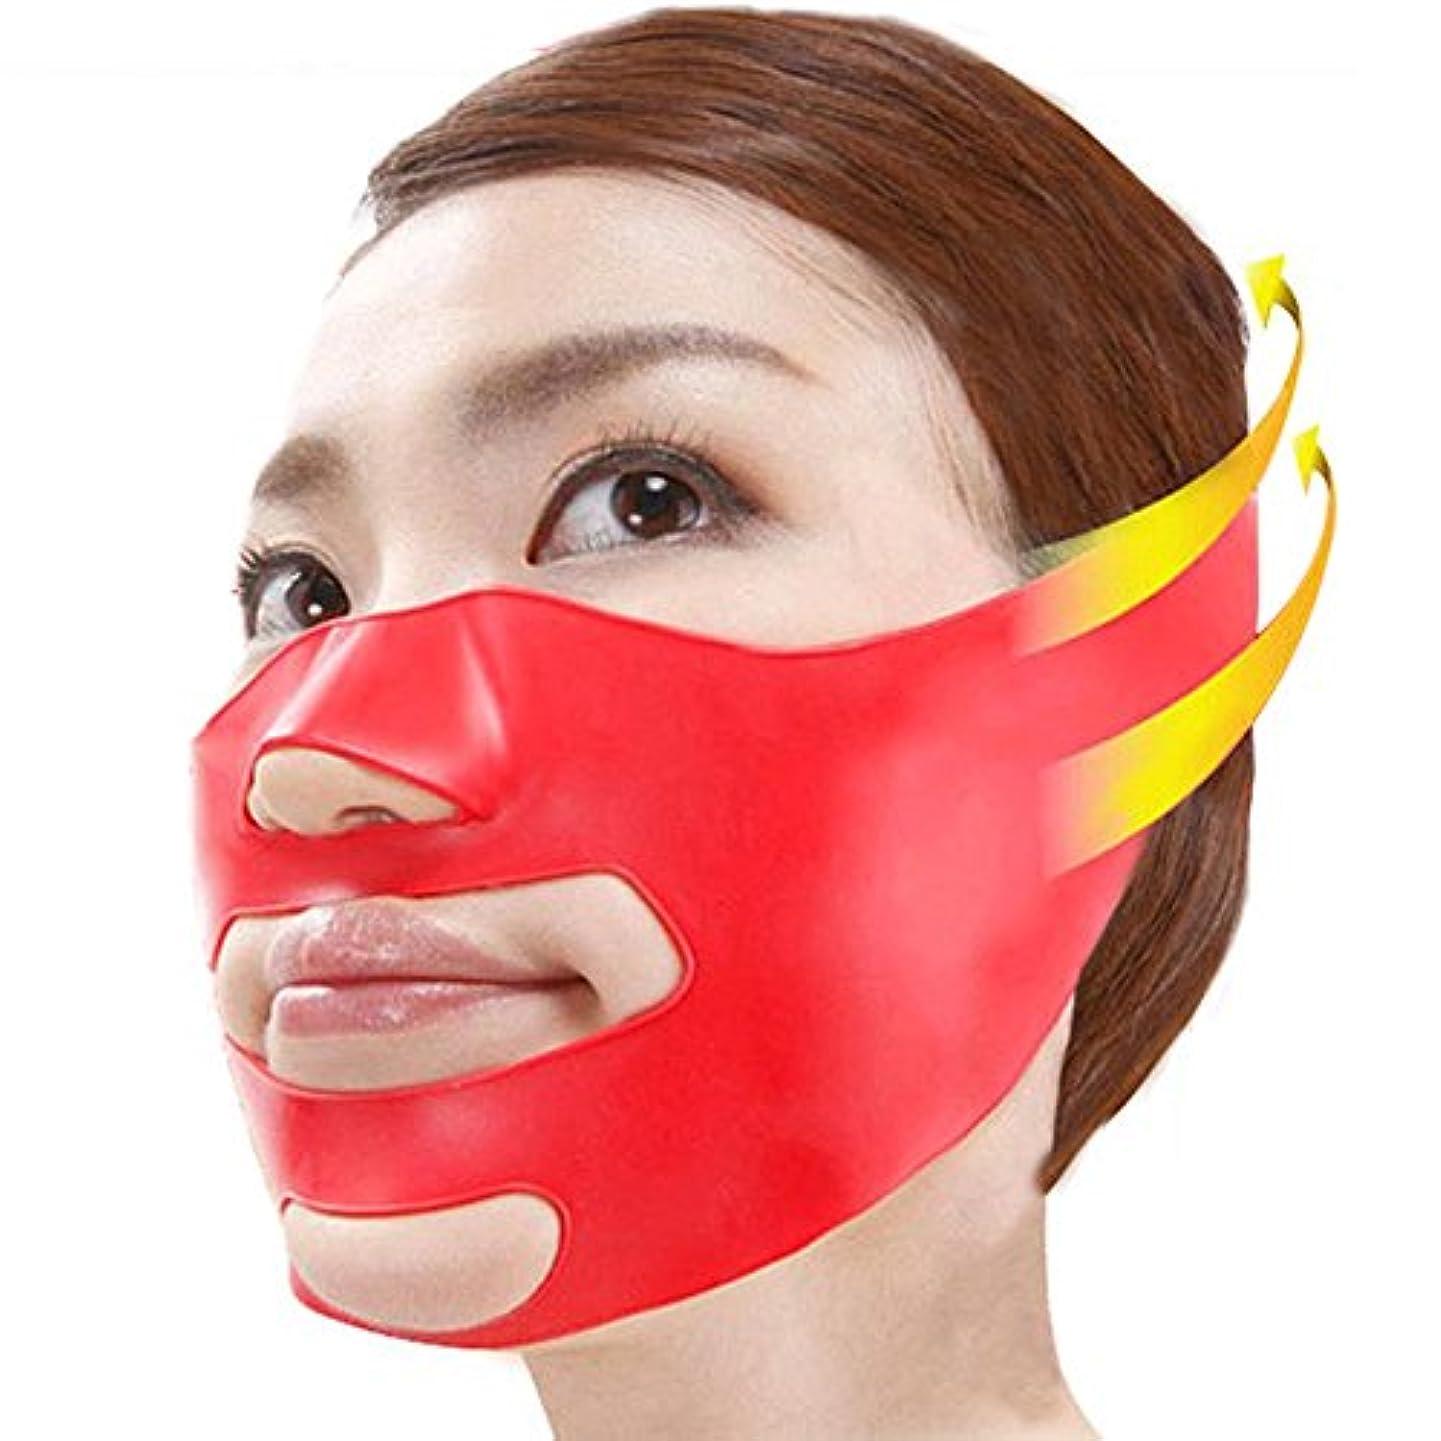 日常的に先に永久3D 小顔 マッサージグッズ フェイスマスク 美容 顔痩せ ほうれい線 消す グッズ 美顔 矯正 (フリーサイズ, レッド)